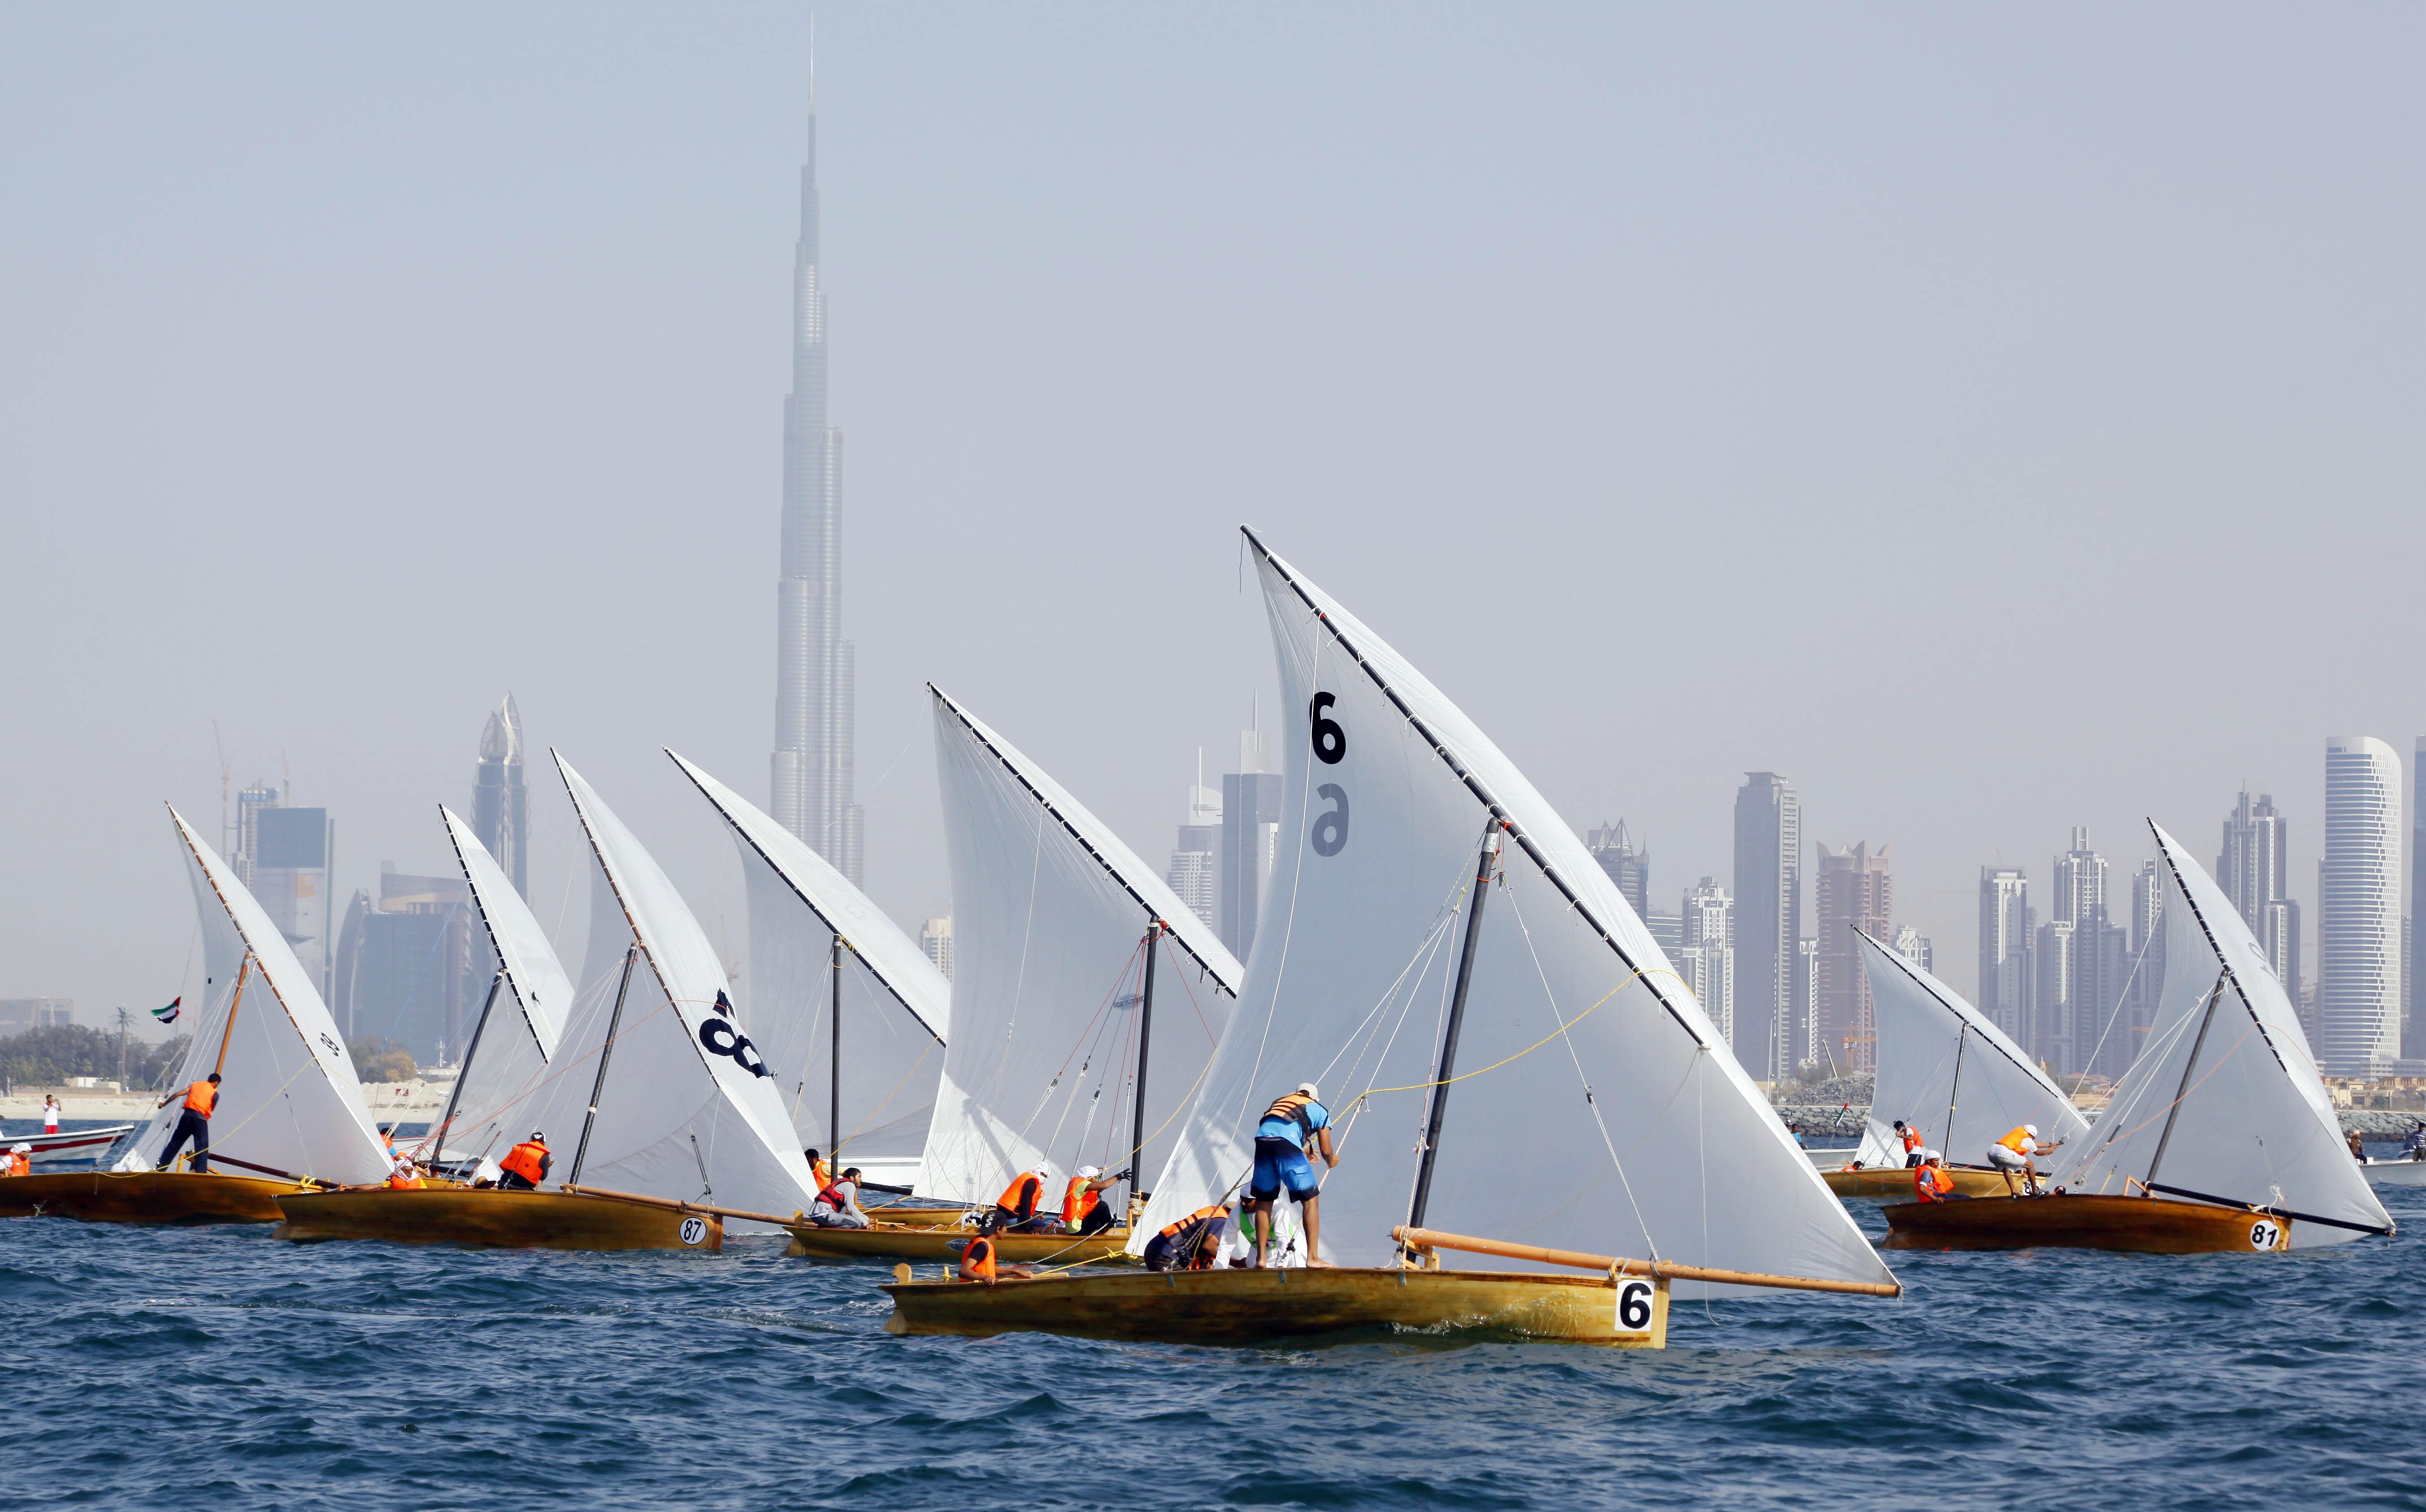 22ft Dubai Traditional Dhow Sailing Race Today (Jumeirah Beach)